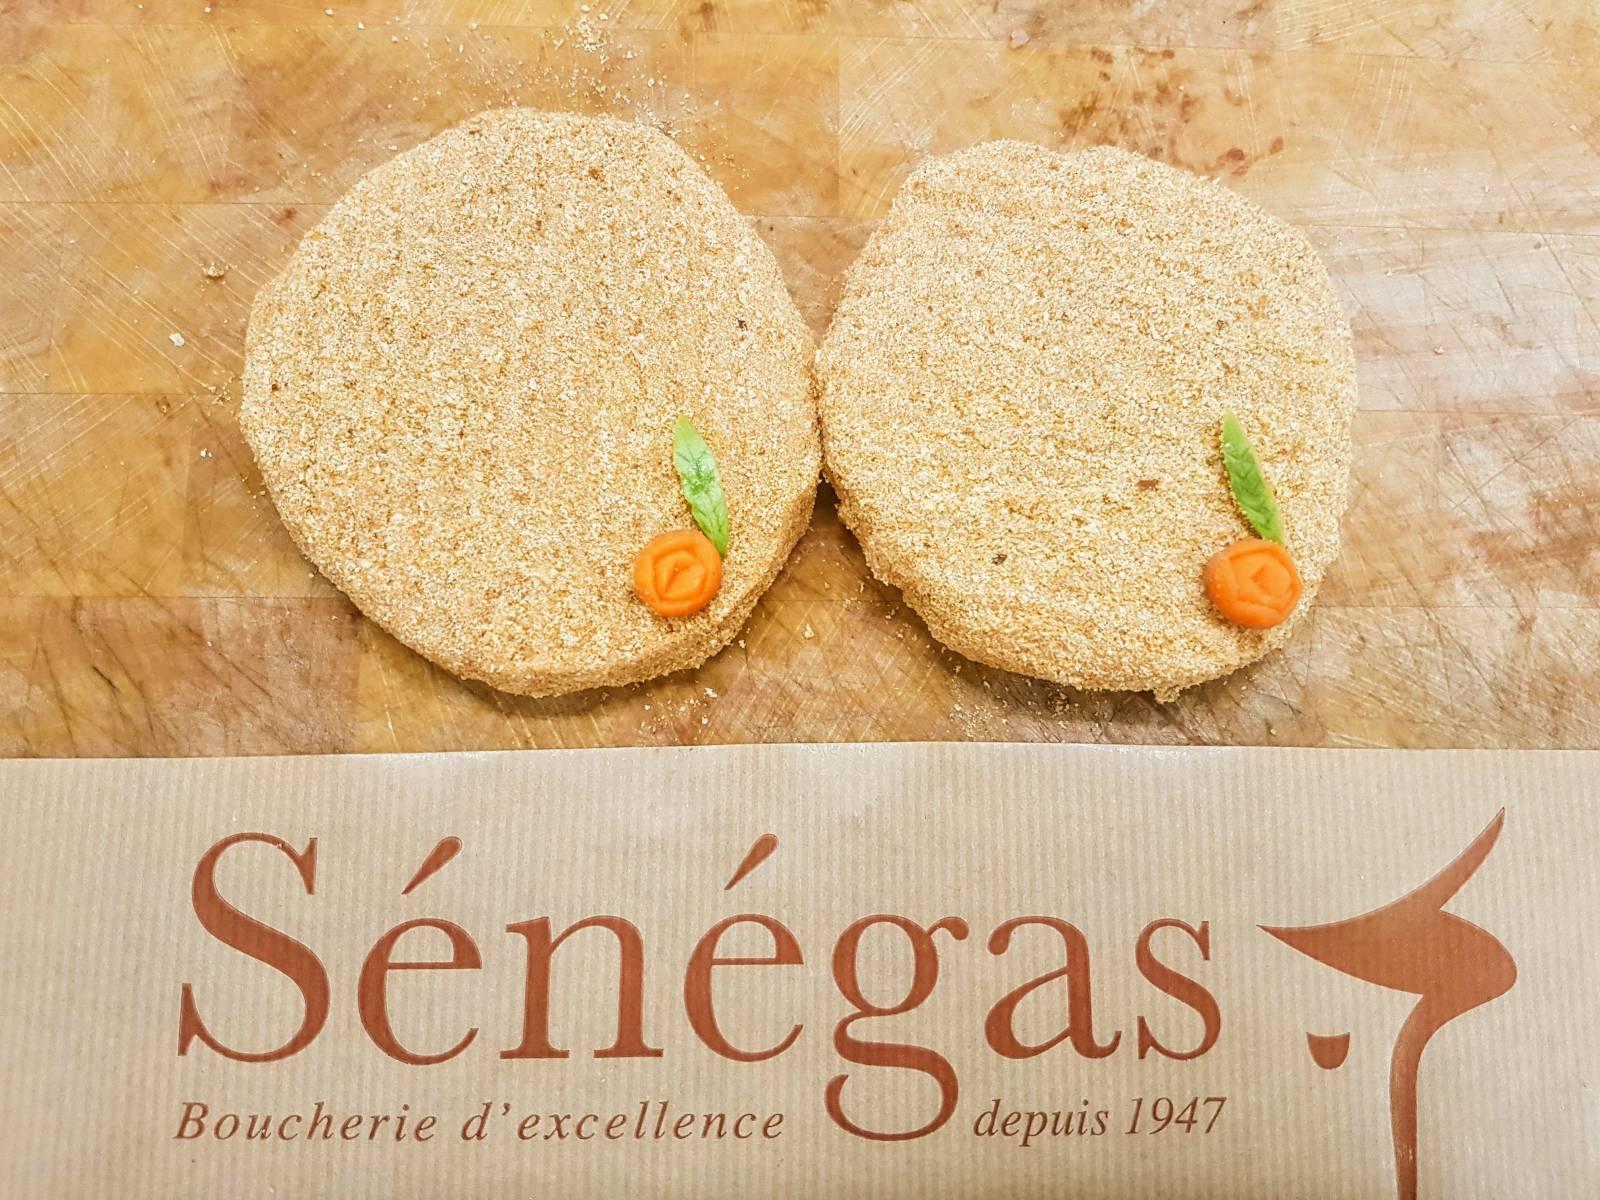 boucherie-senegas-milanaise-veau